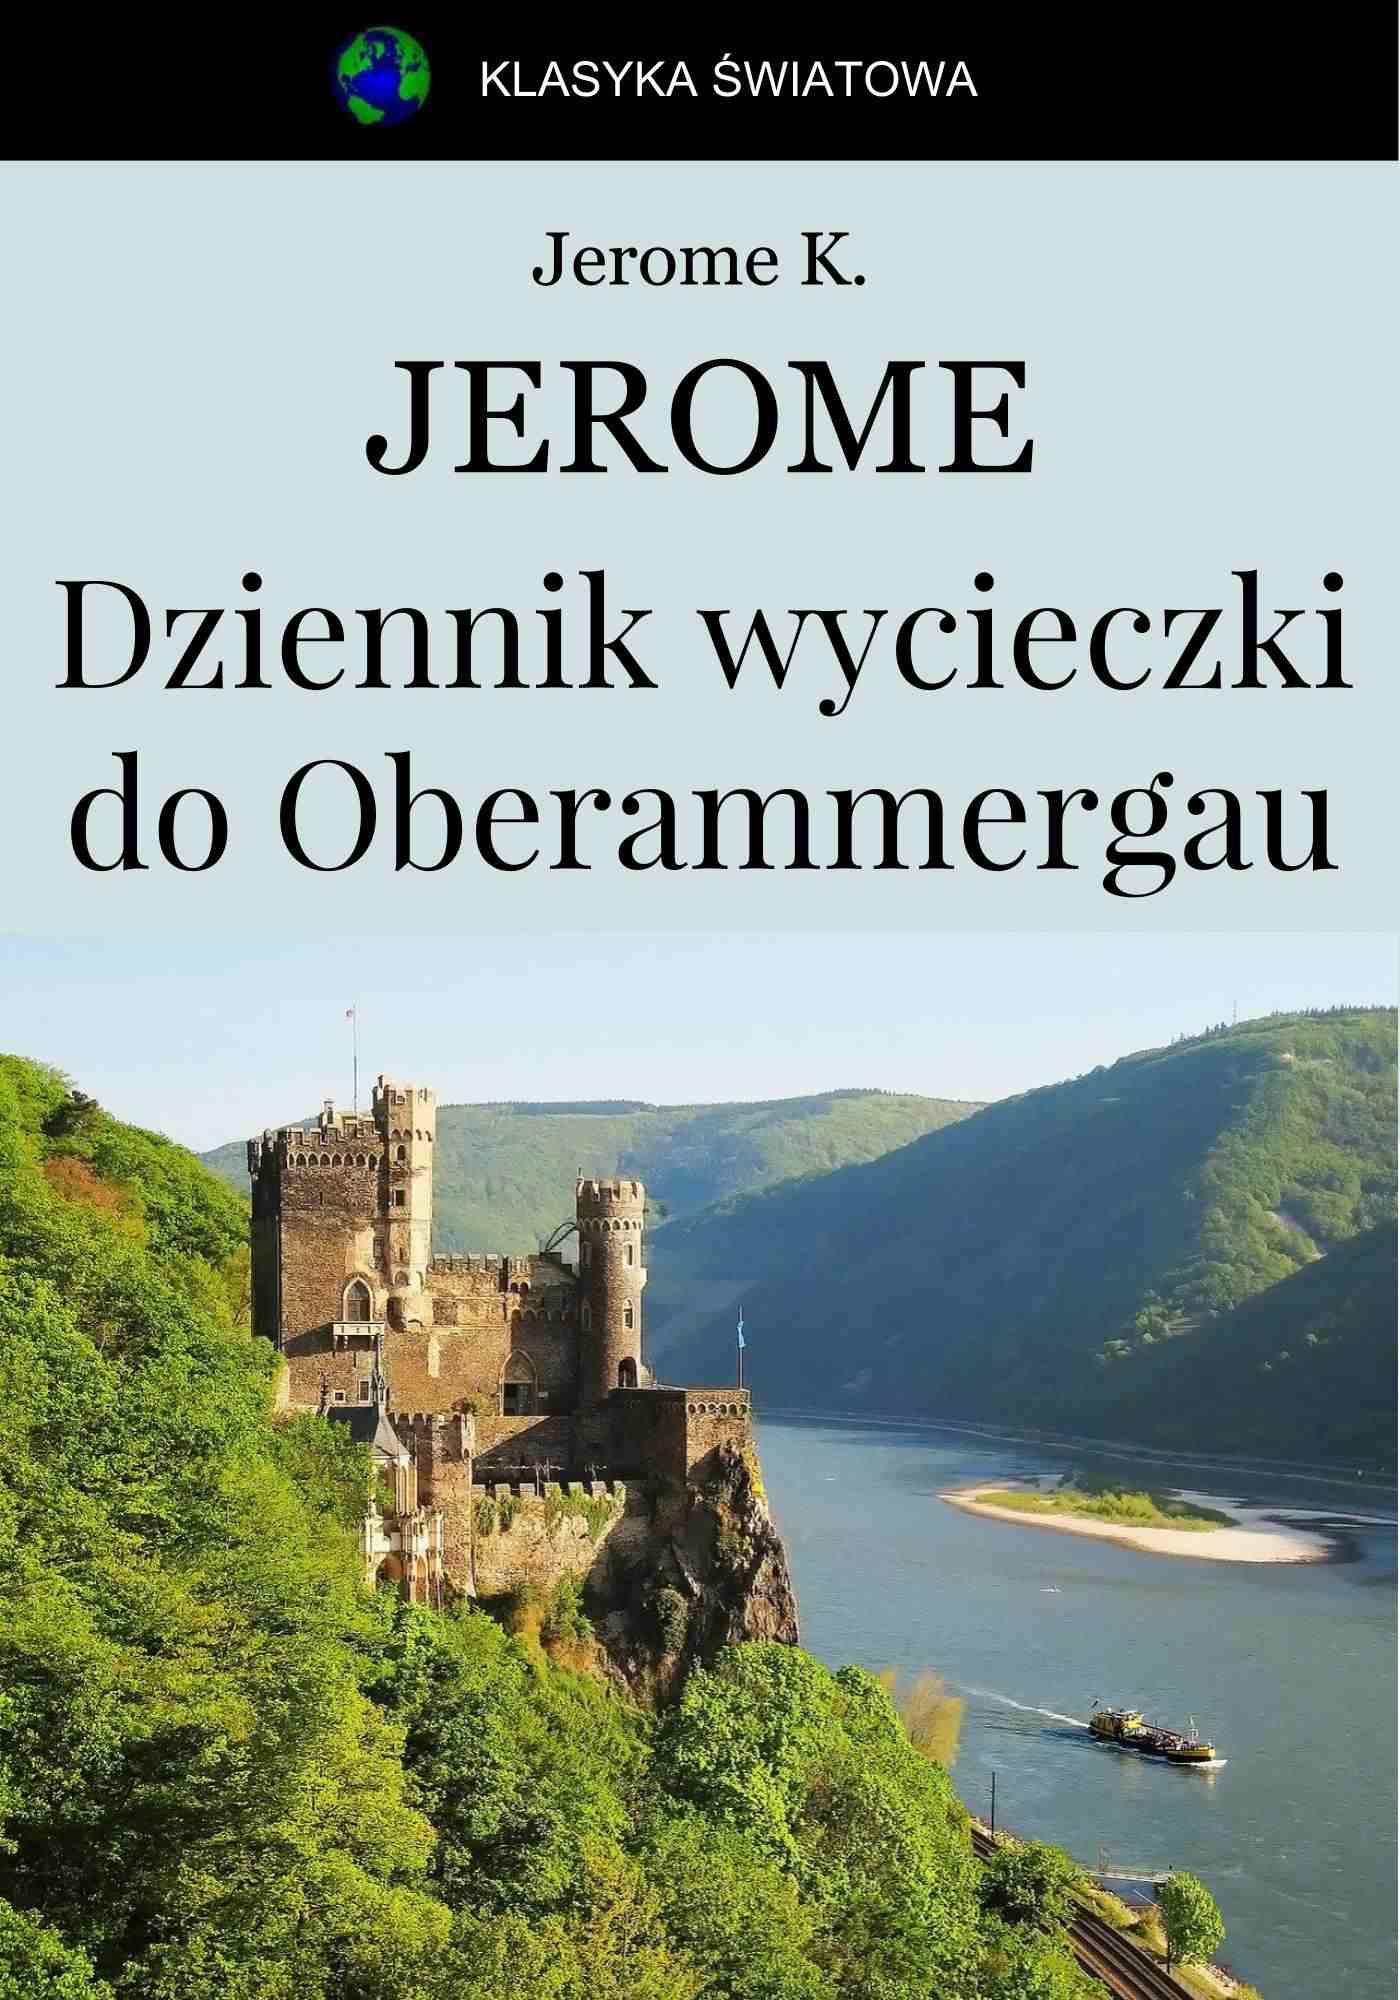 Dziennik wycieczki do Oberammergau - Ebook (Książka EPUB) do pobrania w formacie EPUB